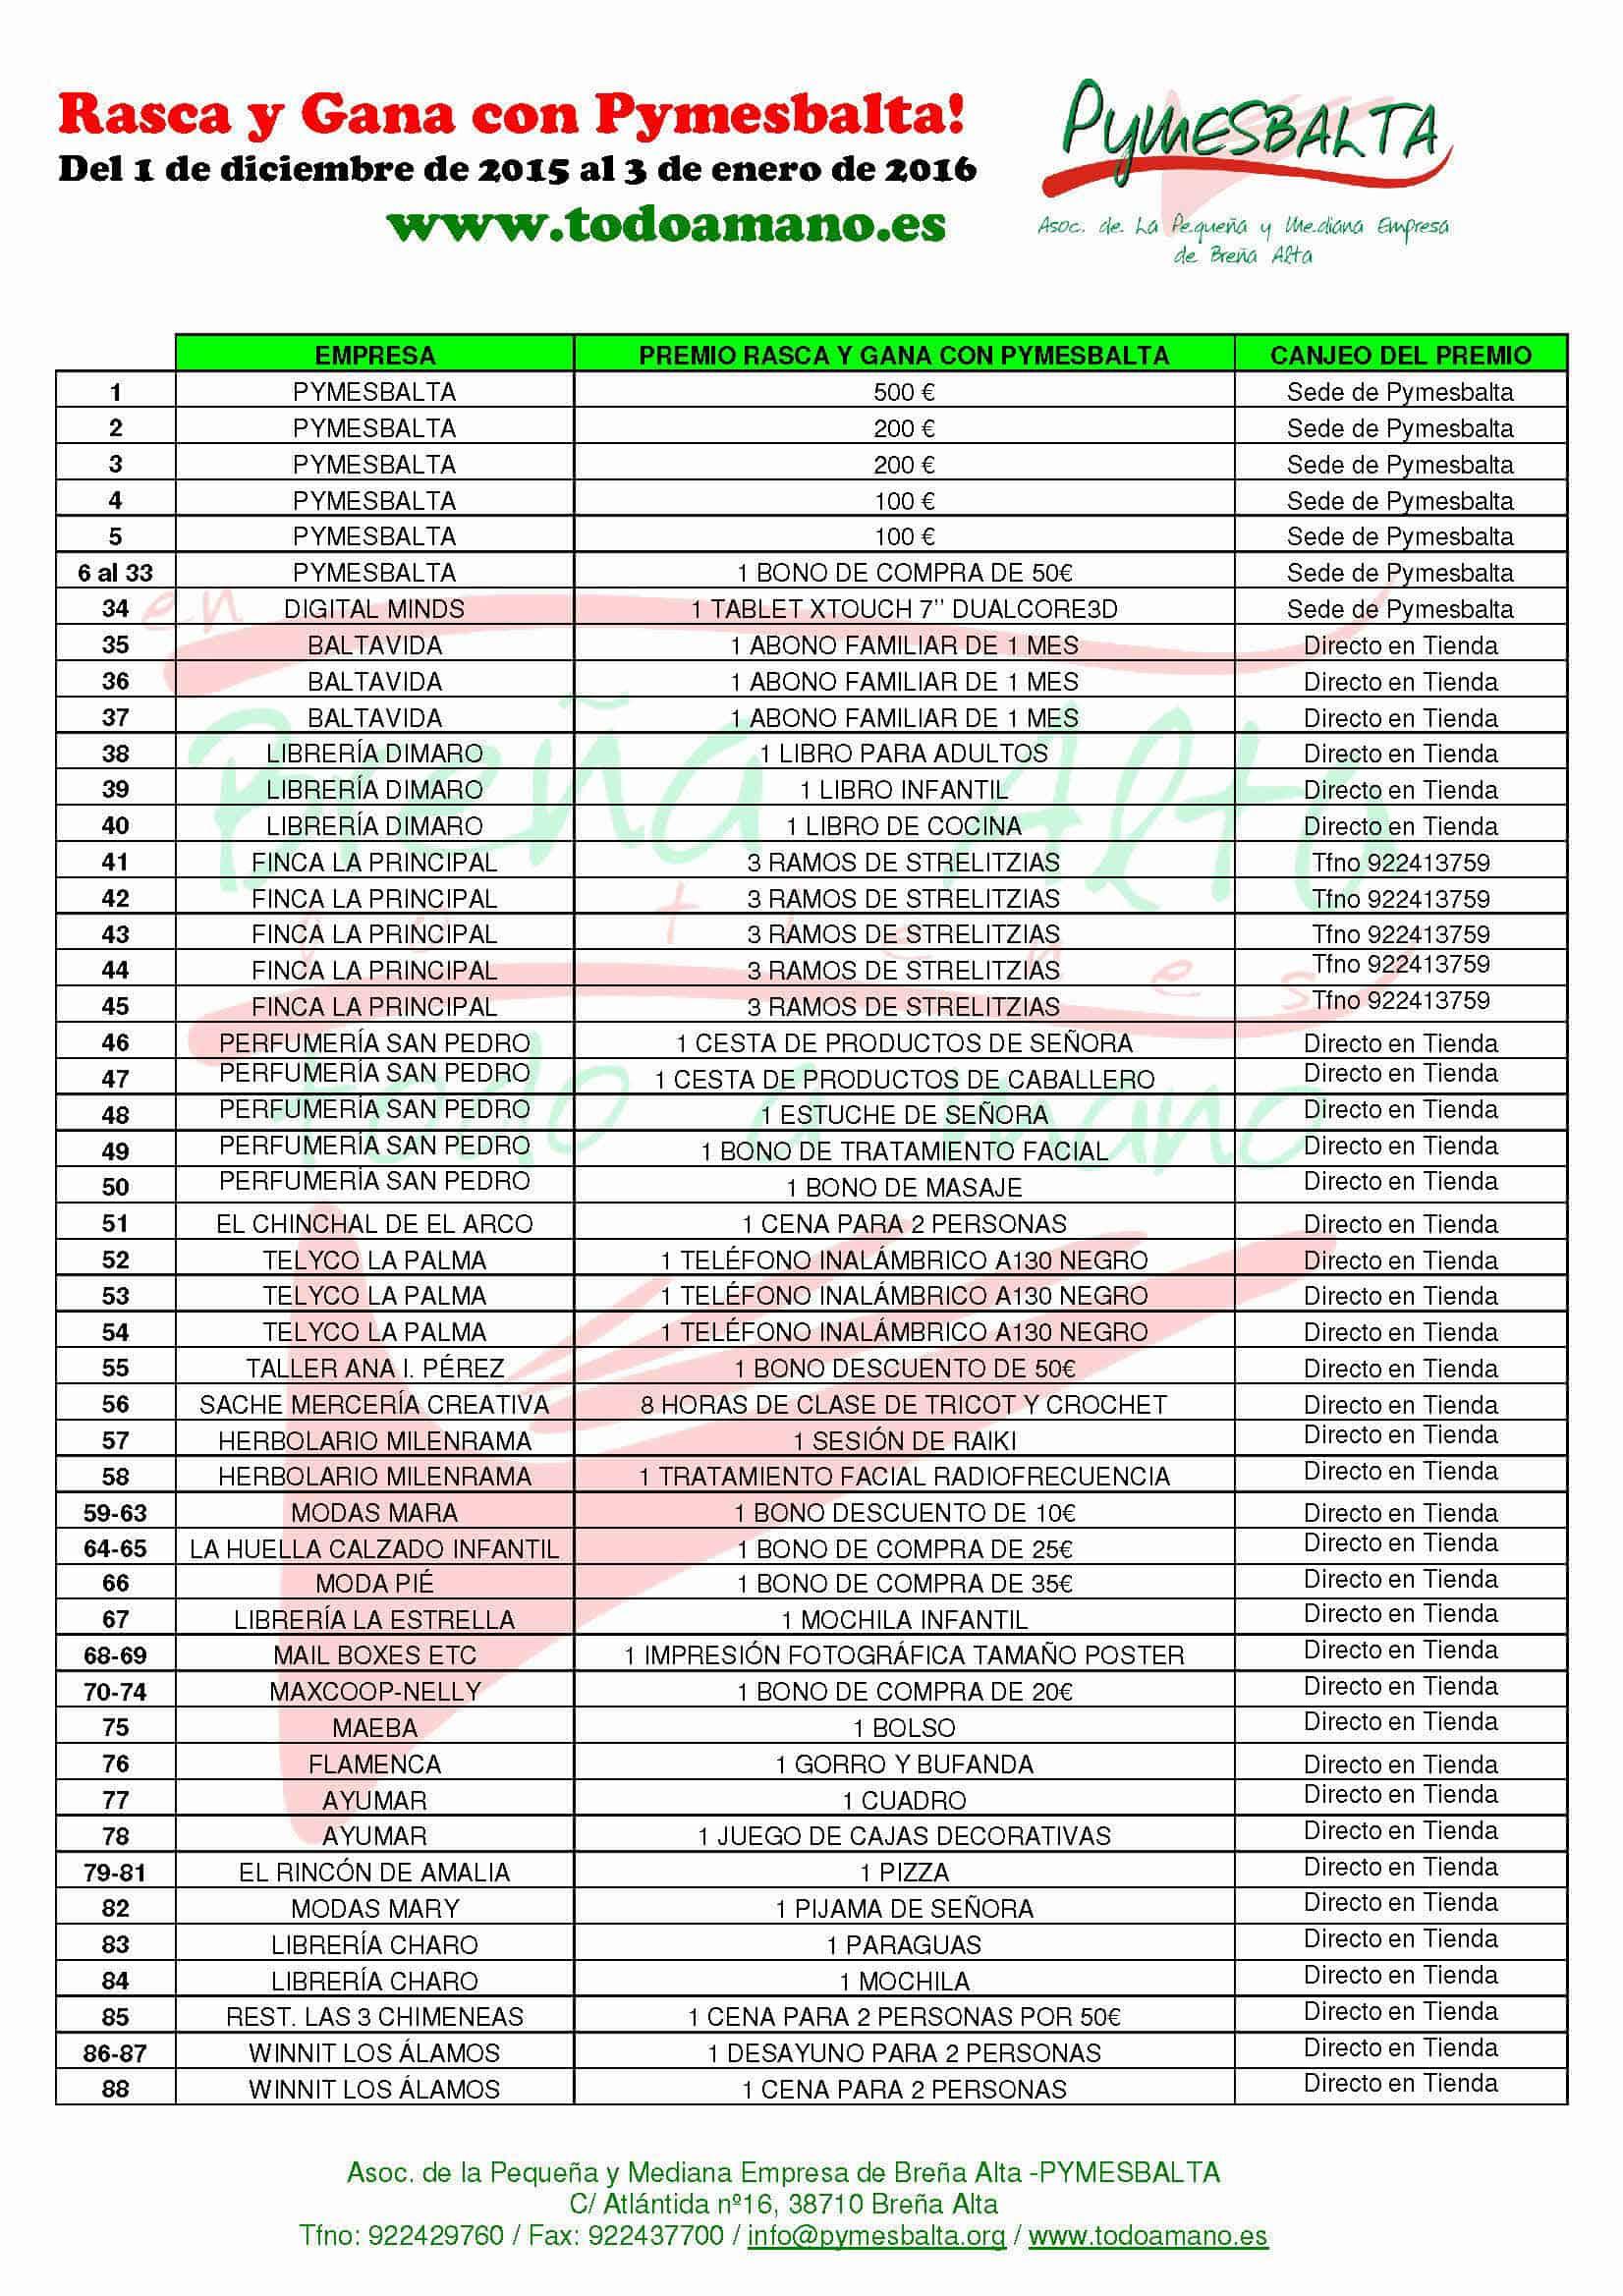 Listado de premios  rascas 2015-16